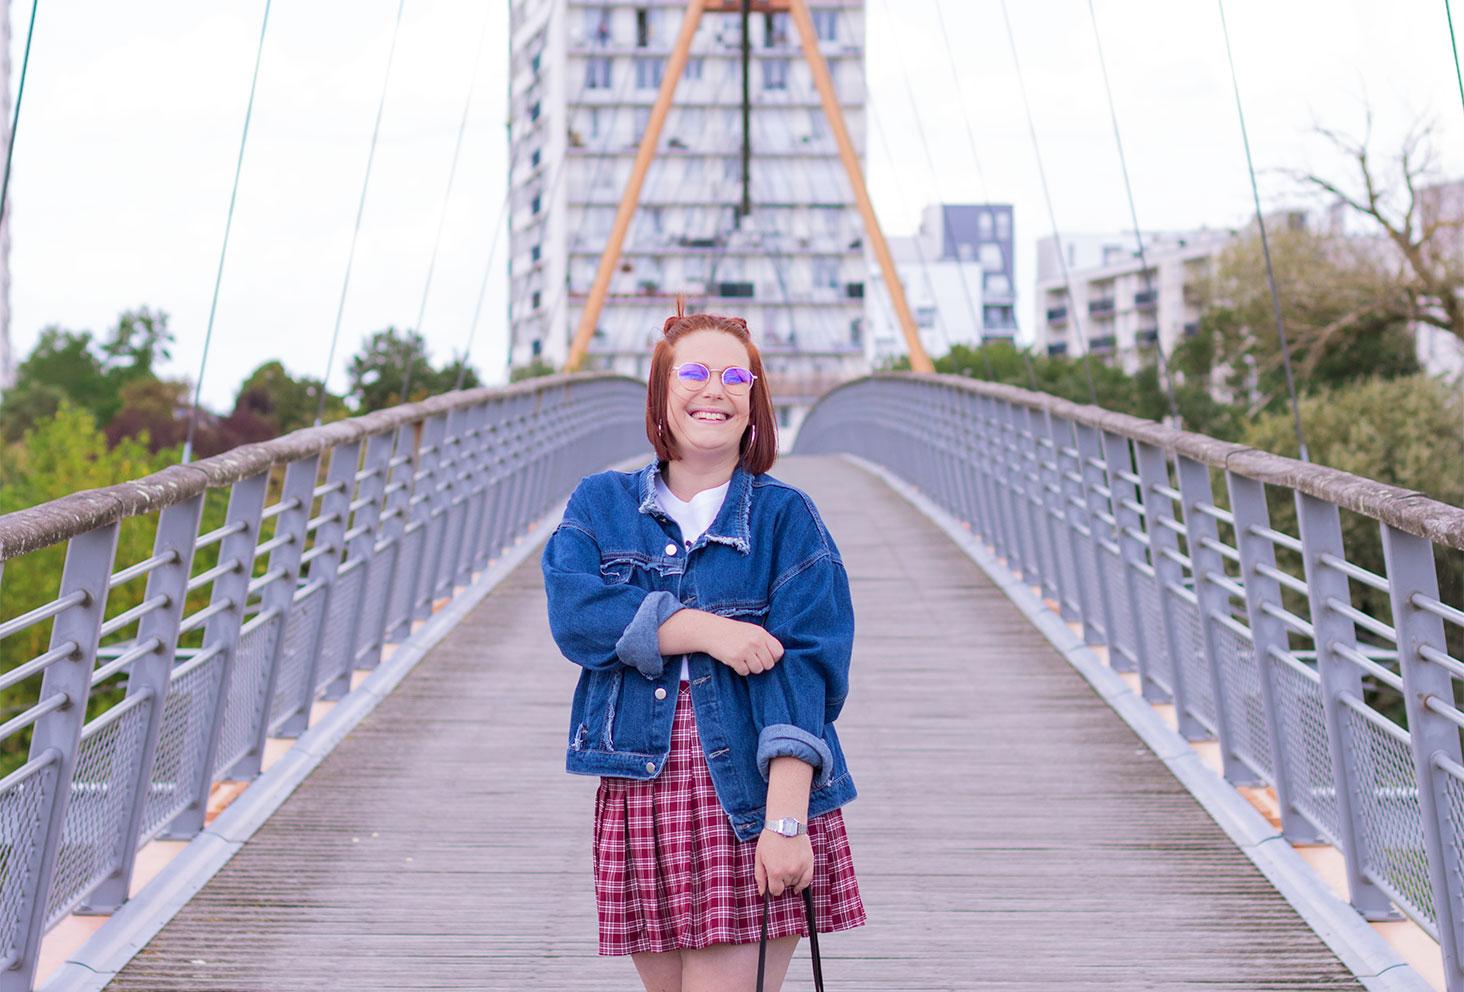 Veste en jean loose à franges et jupe bordeaux écolière, pour un look vintage au milieu d'un pont suspendu, avec le sourire